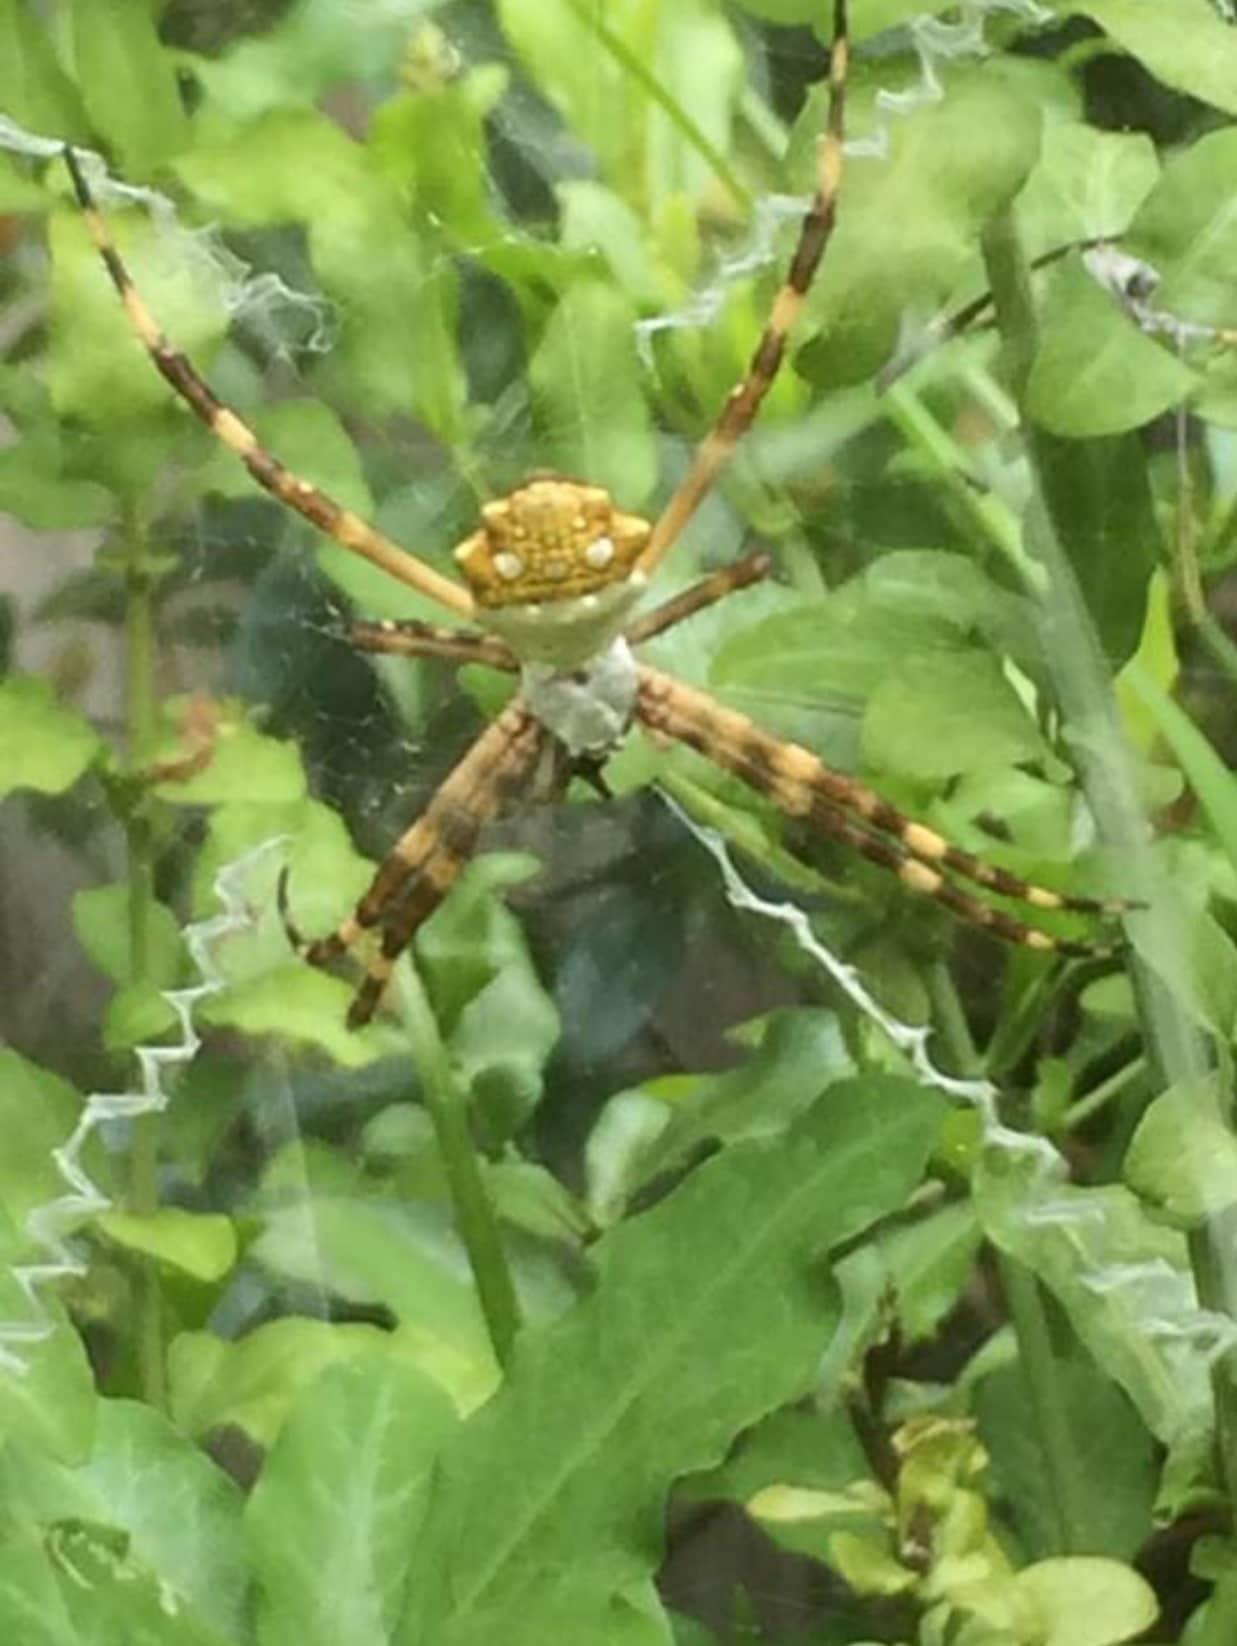 Picture of Argiope argentata (Silver Garden Spider) - Female - Dorsal,Webs